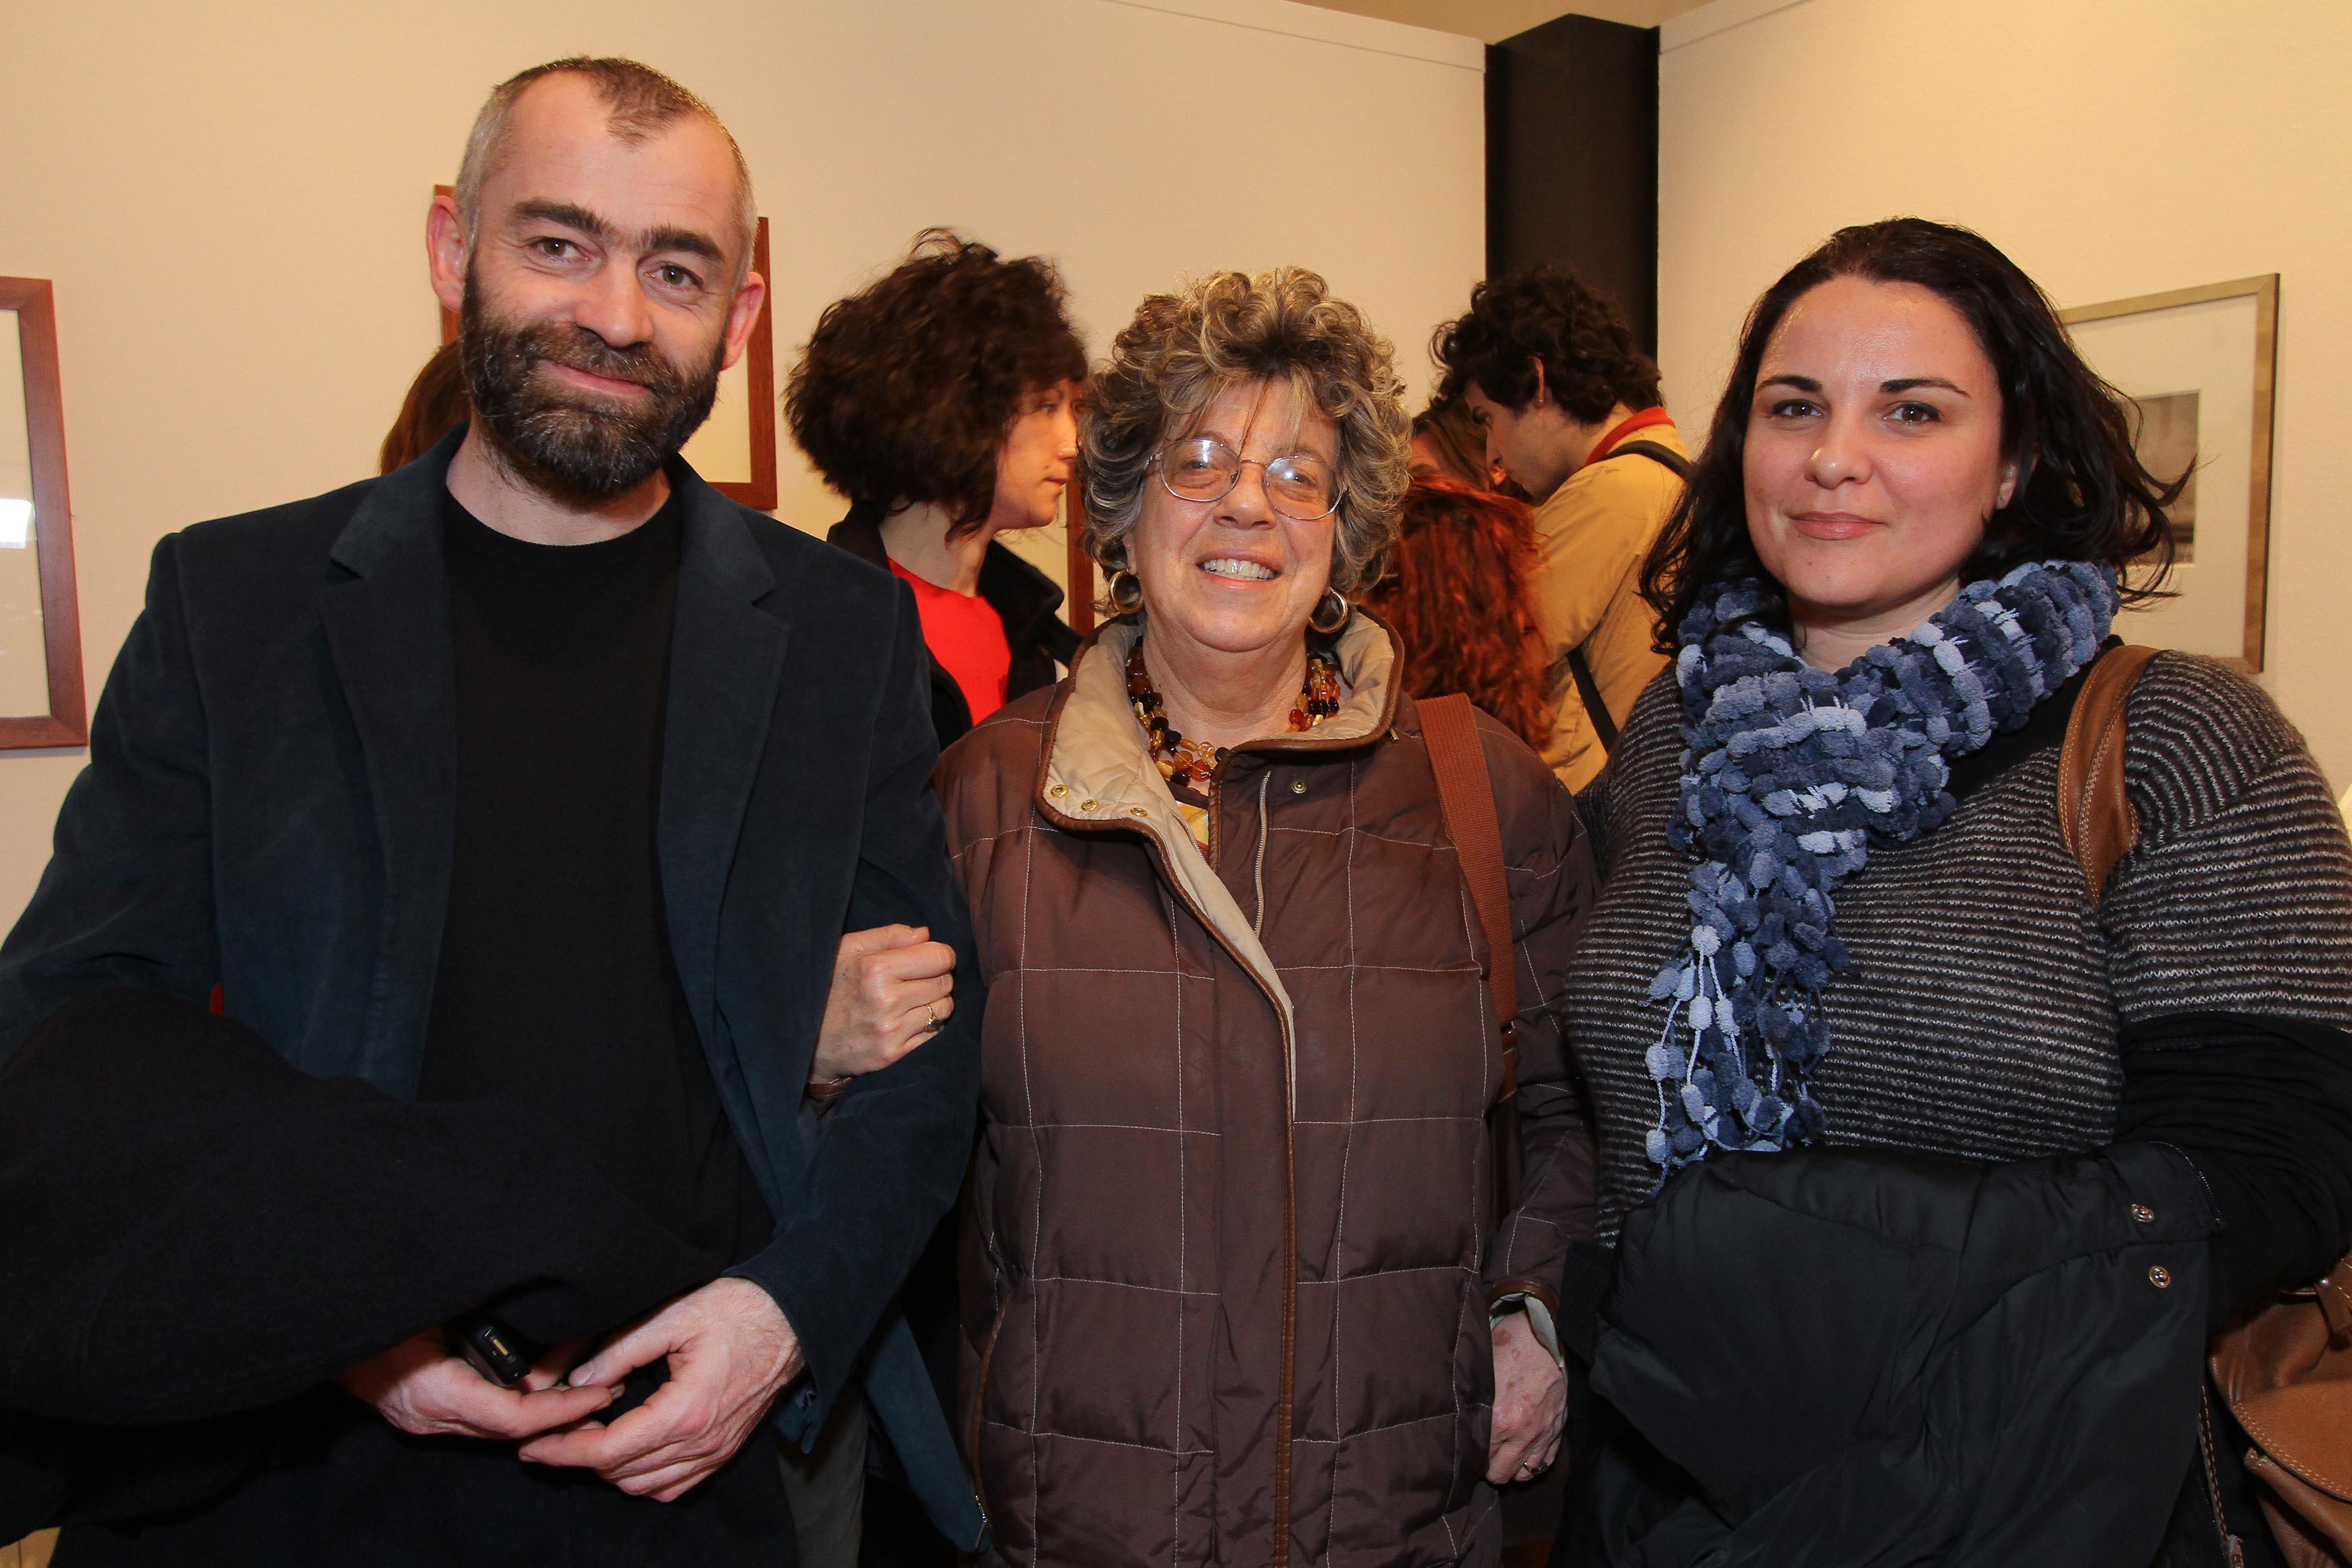 PRESSPHOTO Firenze, Museo Alinari, mostra fotografica Controverses. nella foto Nicola Sarti, Gianna De Polo e Stefania Di Leo